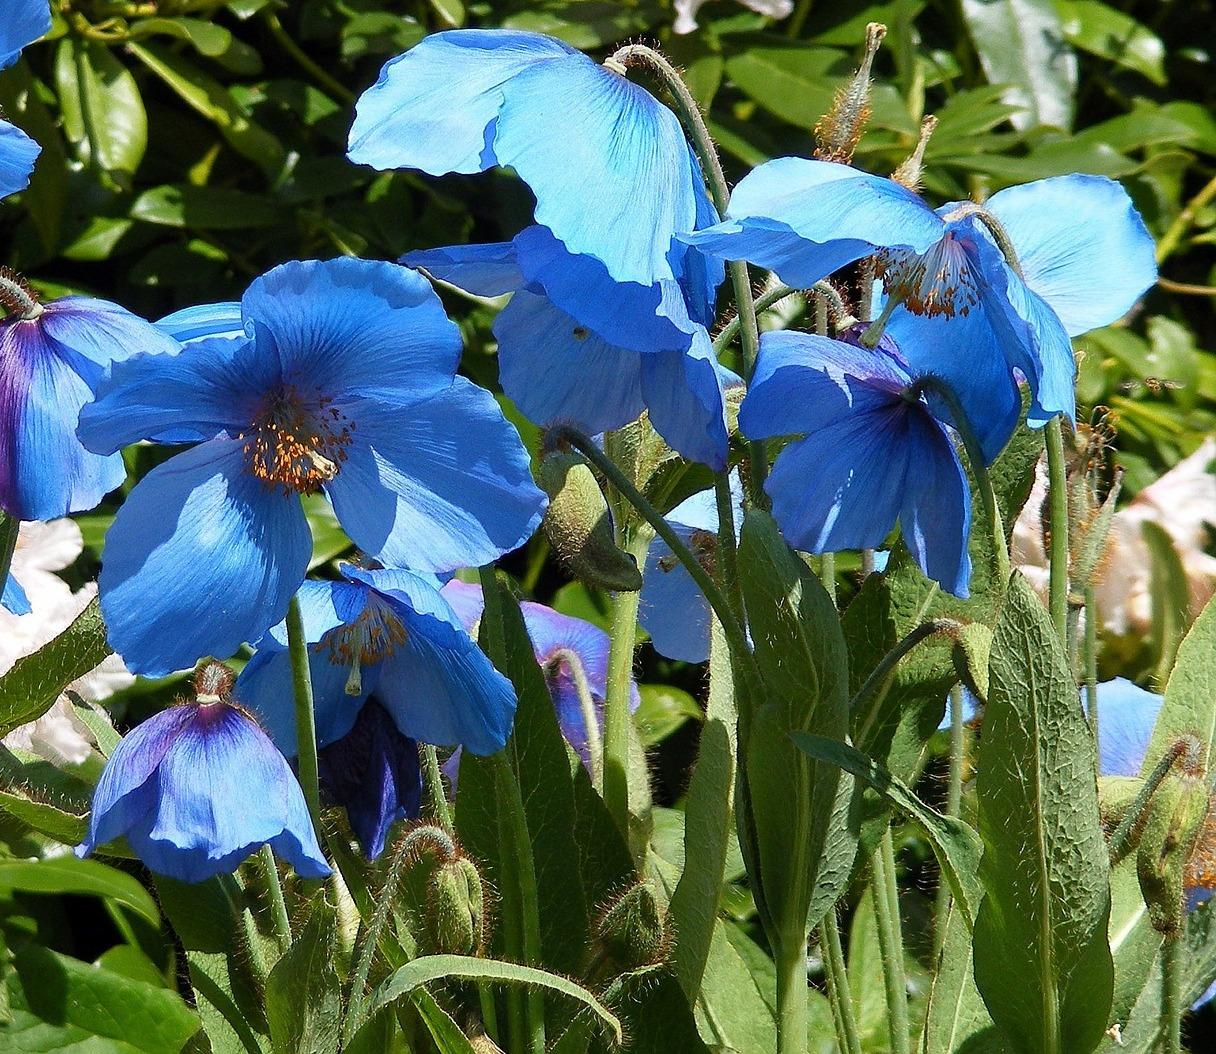 20160606_01_blue poppy